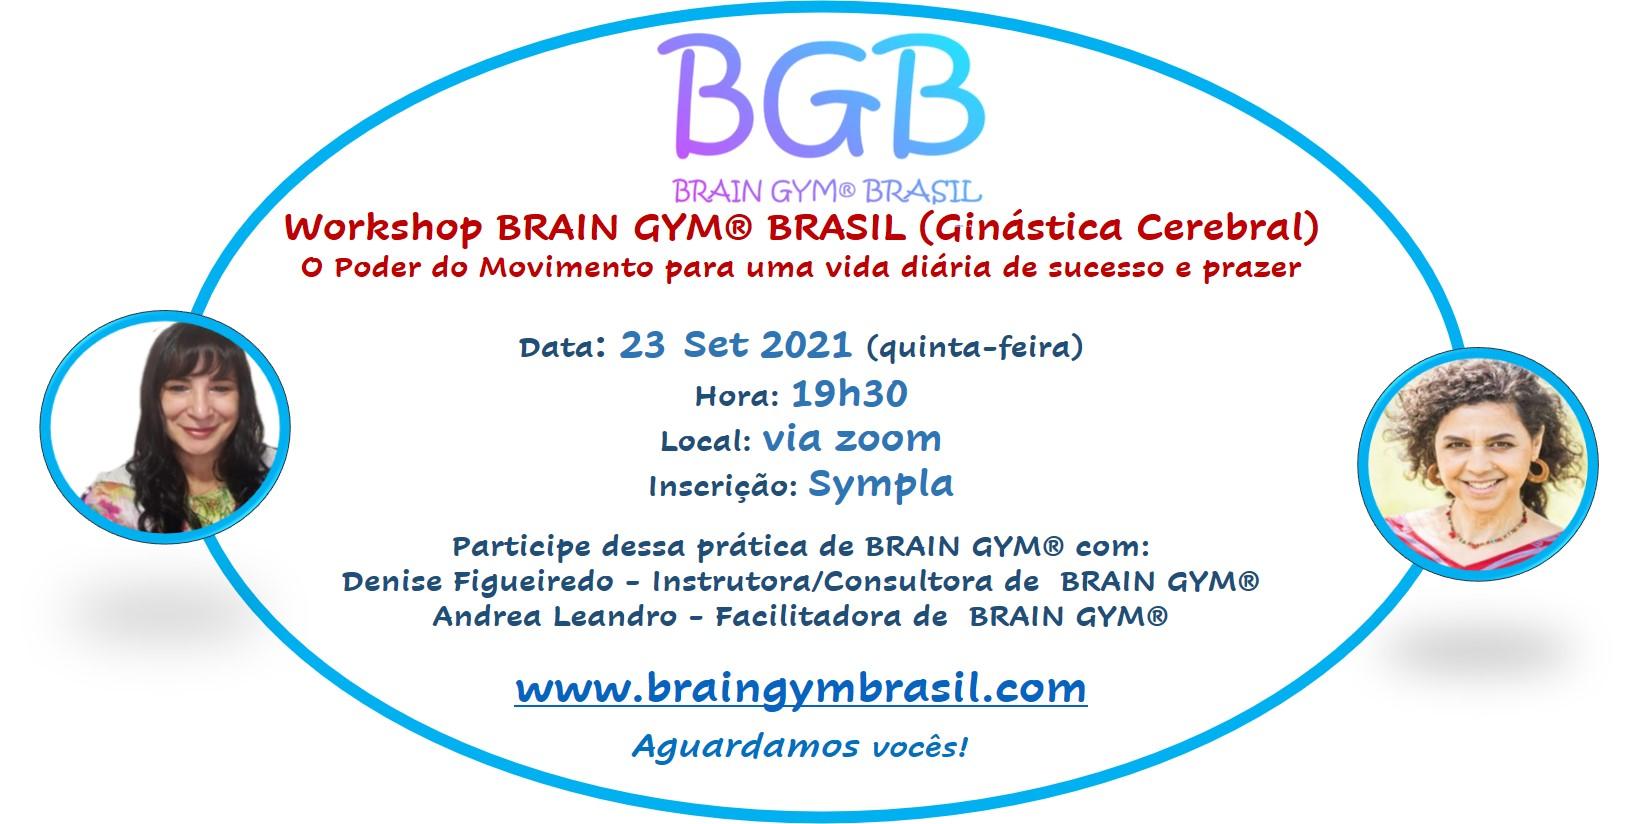 Workshop BRAIN GYM® BRASIL O Poder do Movimento para uma vida diária de sucesso e prazer